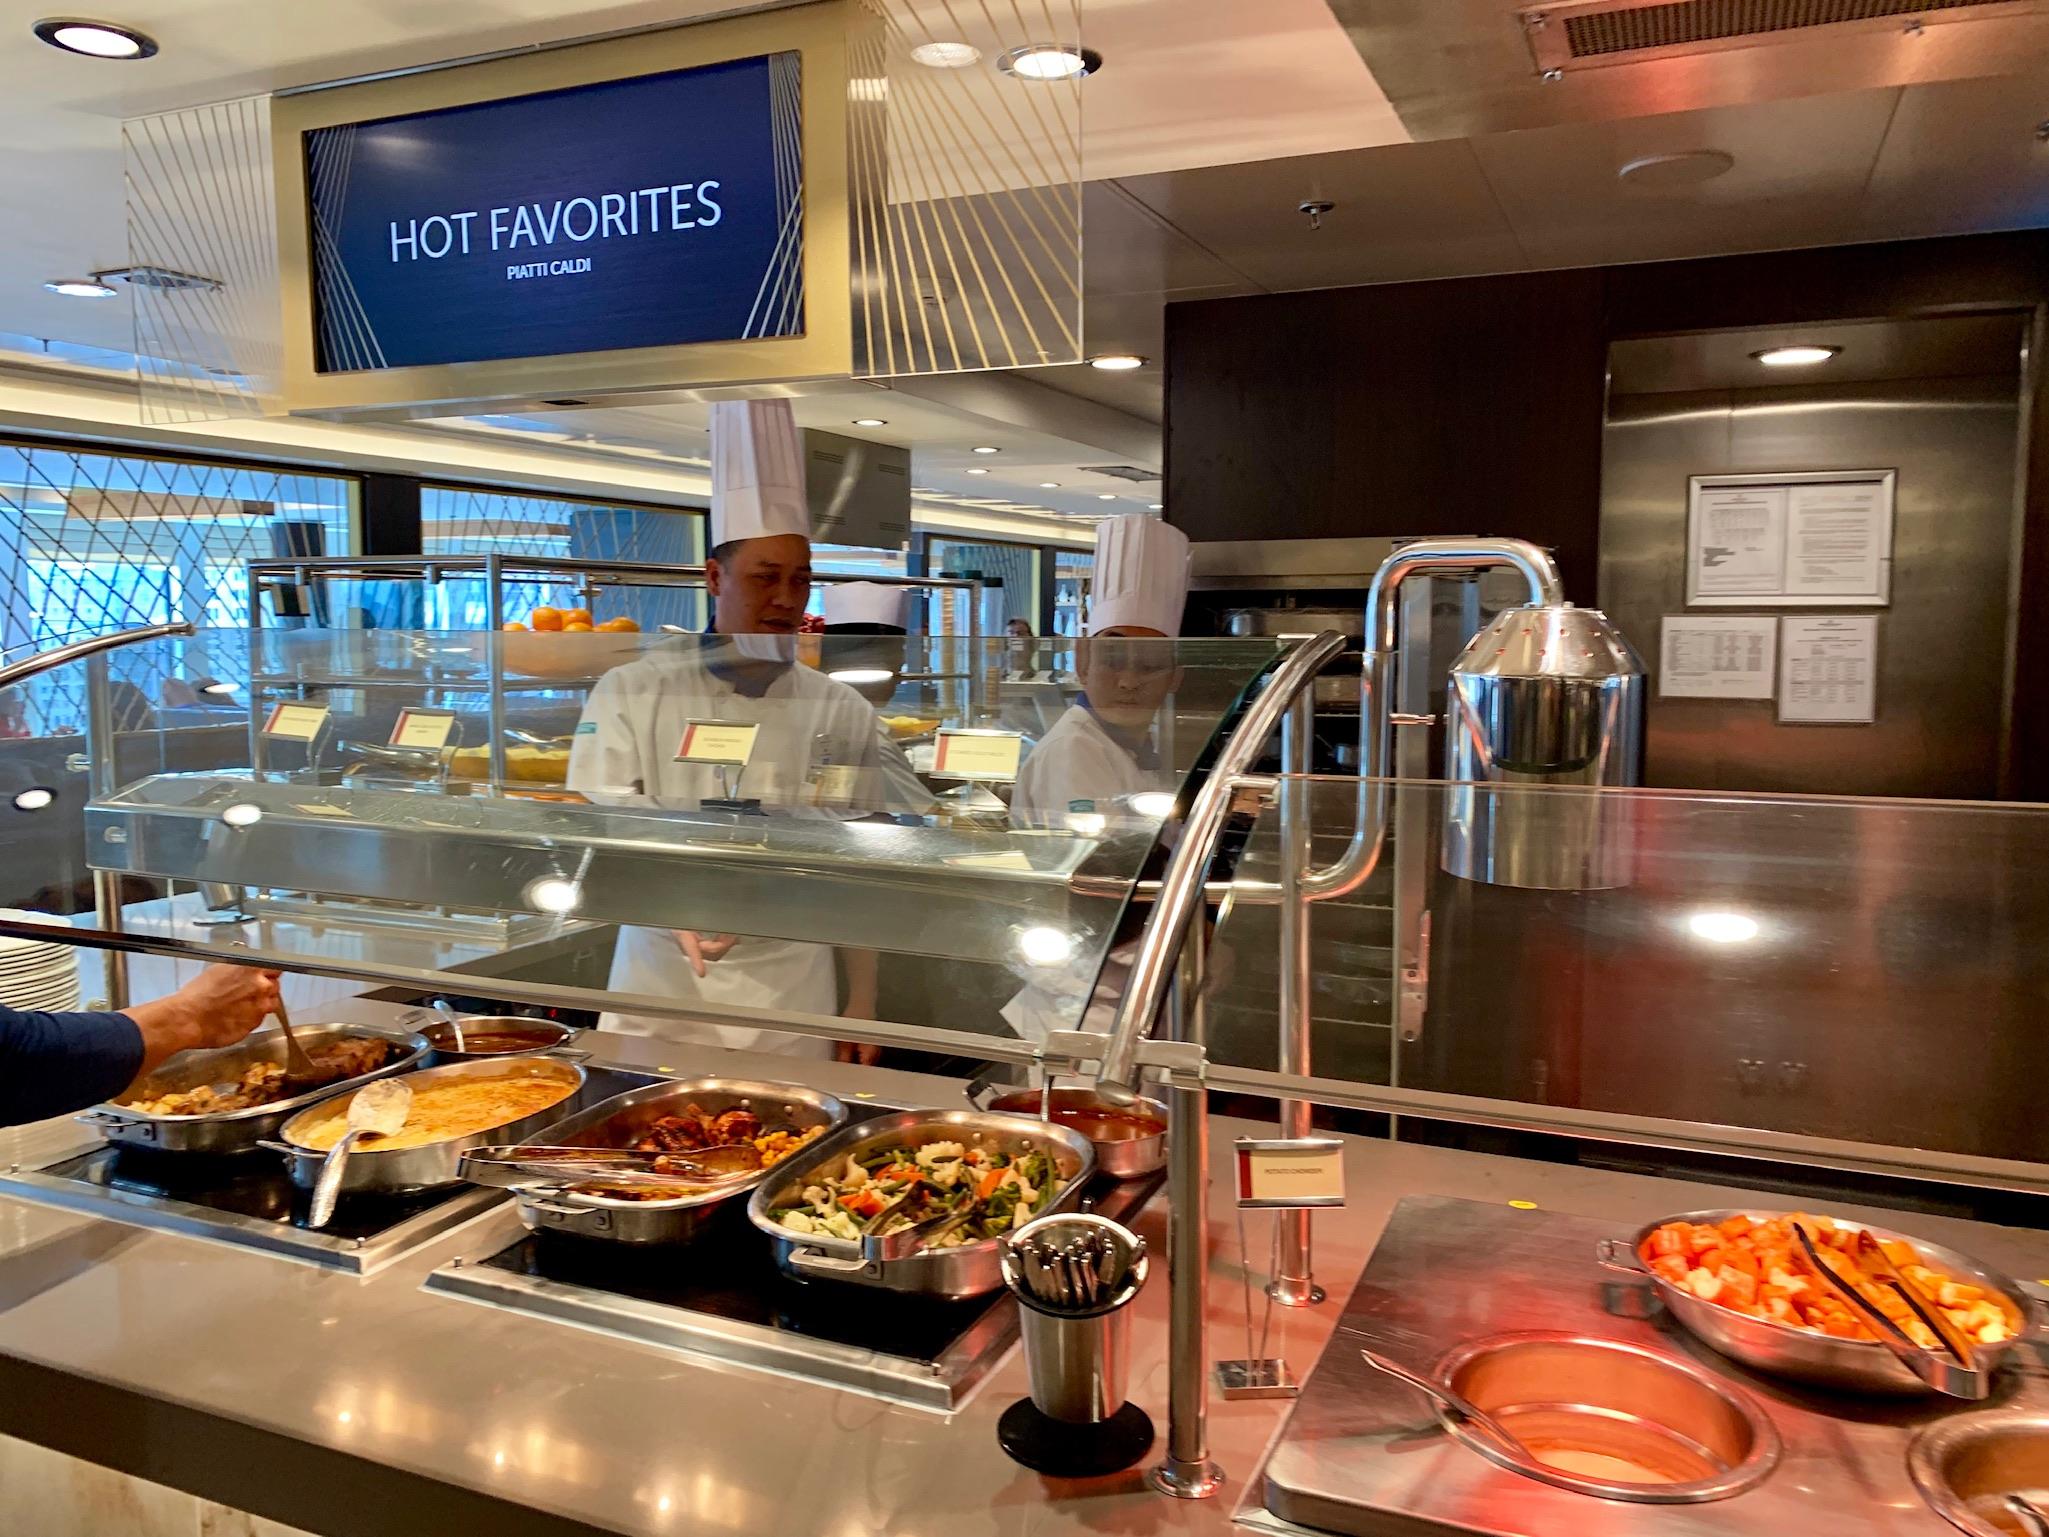 NCL Joy - Dining - Buffet Hot Favoriets.jpg